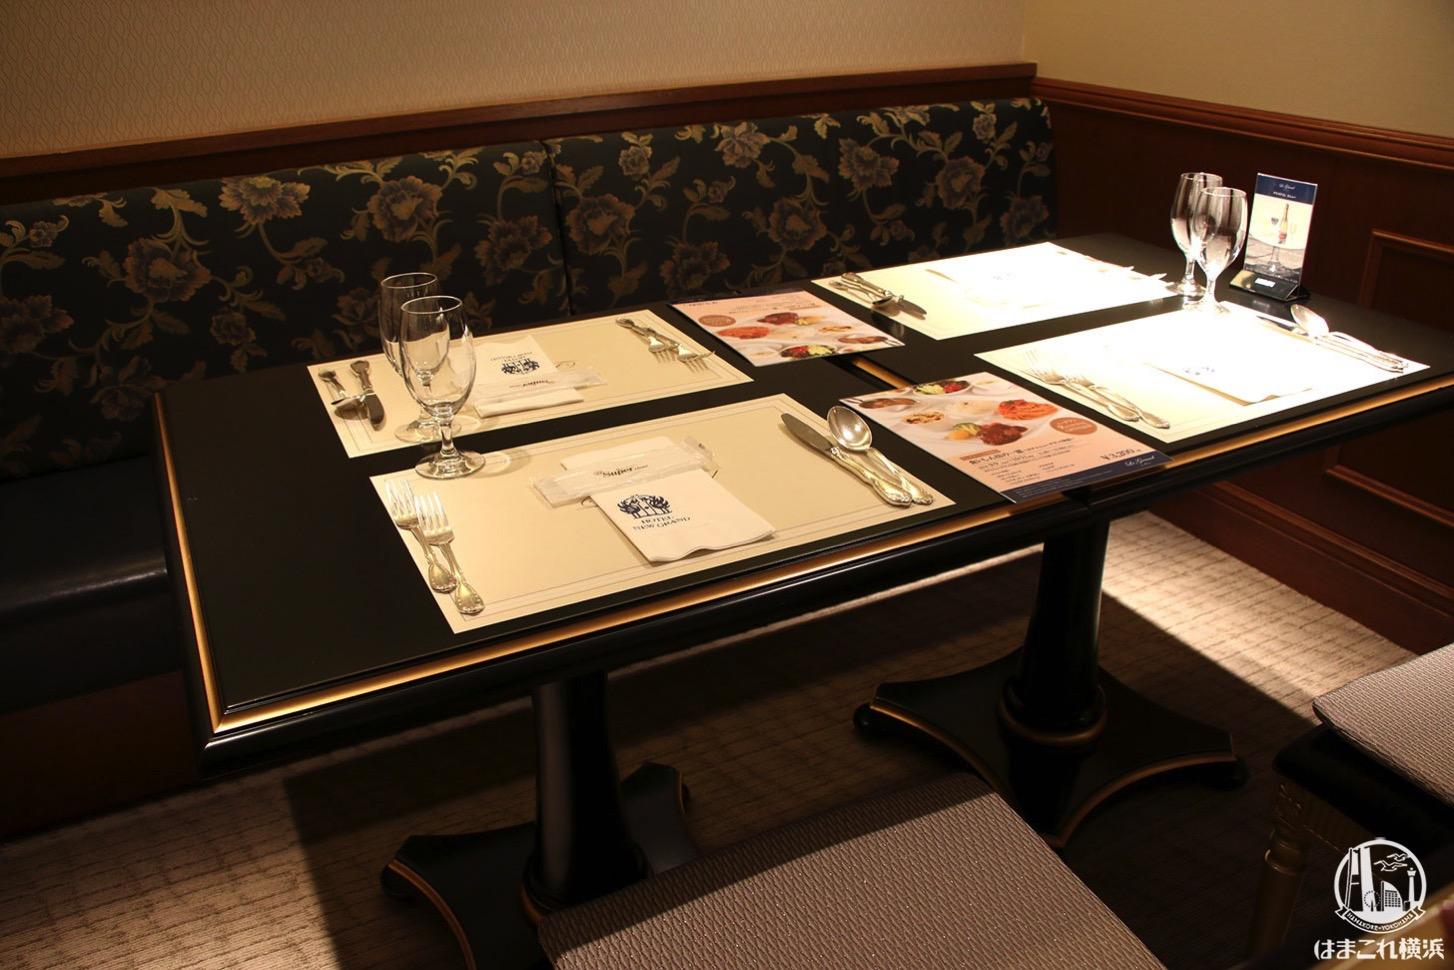 ル グラン テーブル席